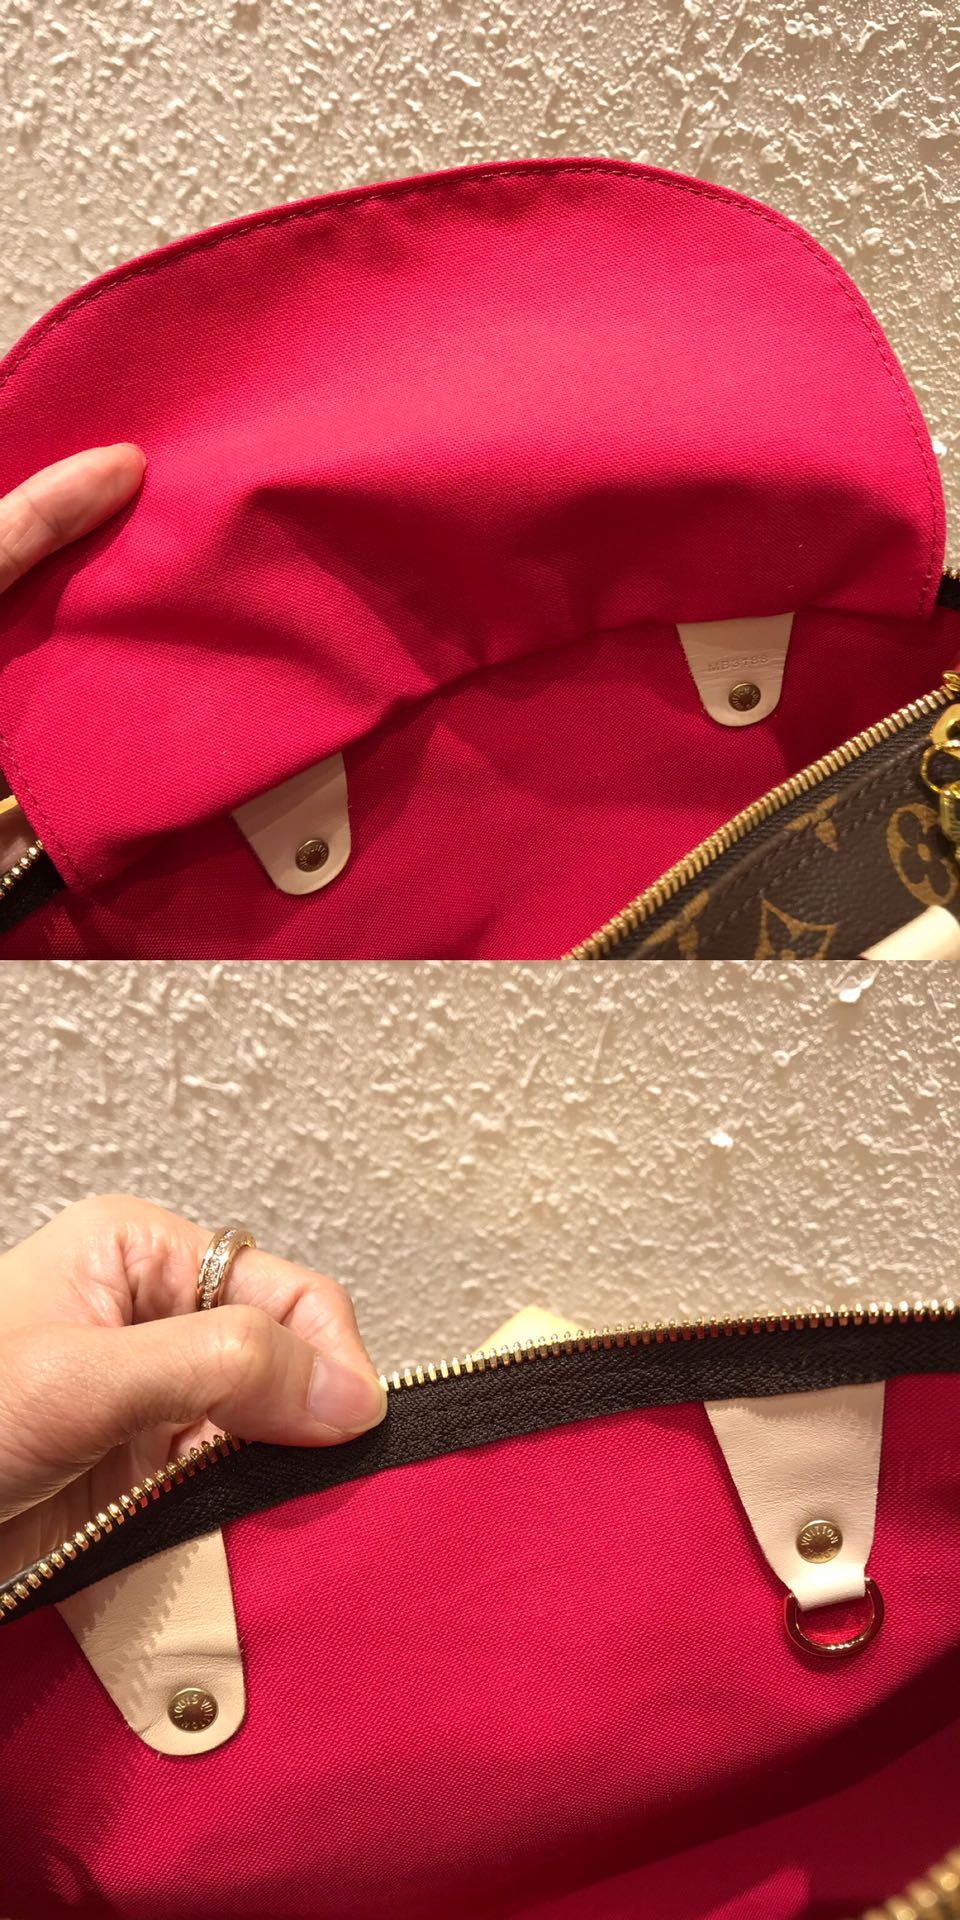 路易威登官网 2019情人节限定版最新徽章系列枕头包44365 3D效果的可爱徽章 别具一格的浪漫